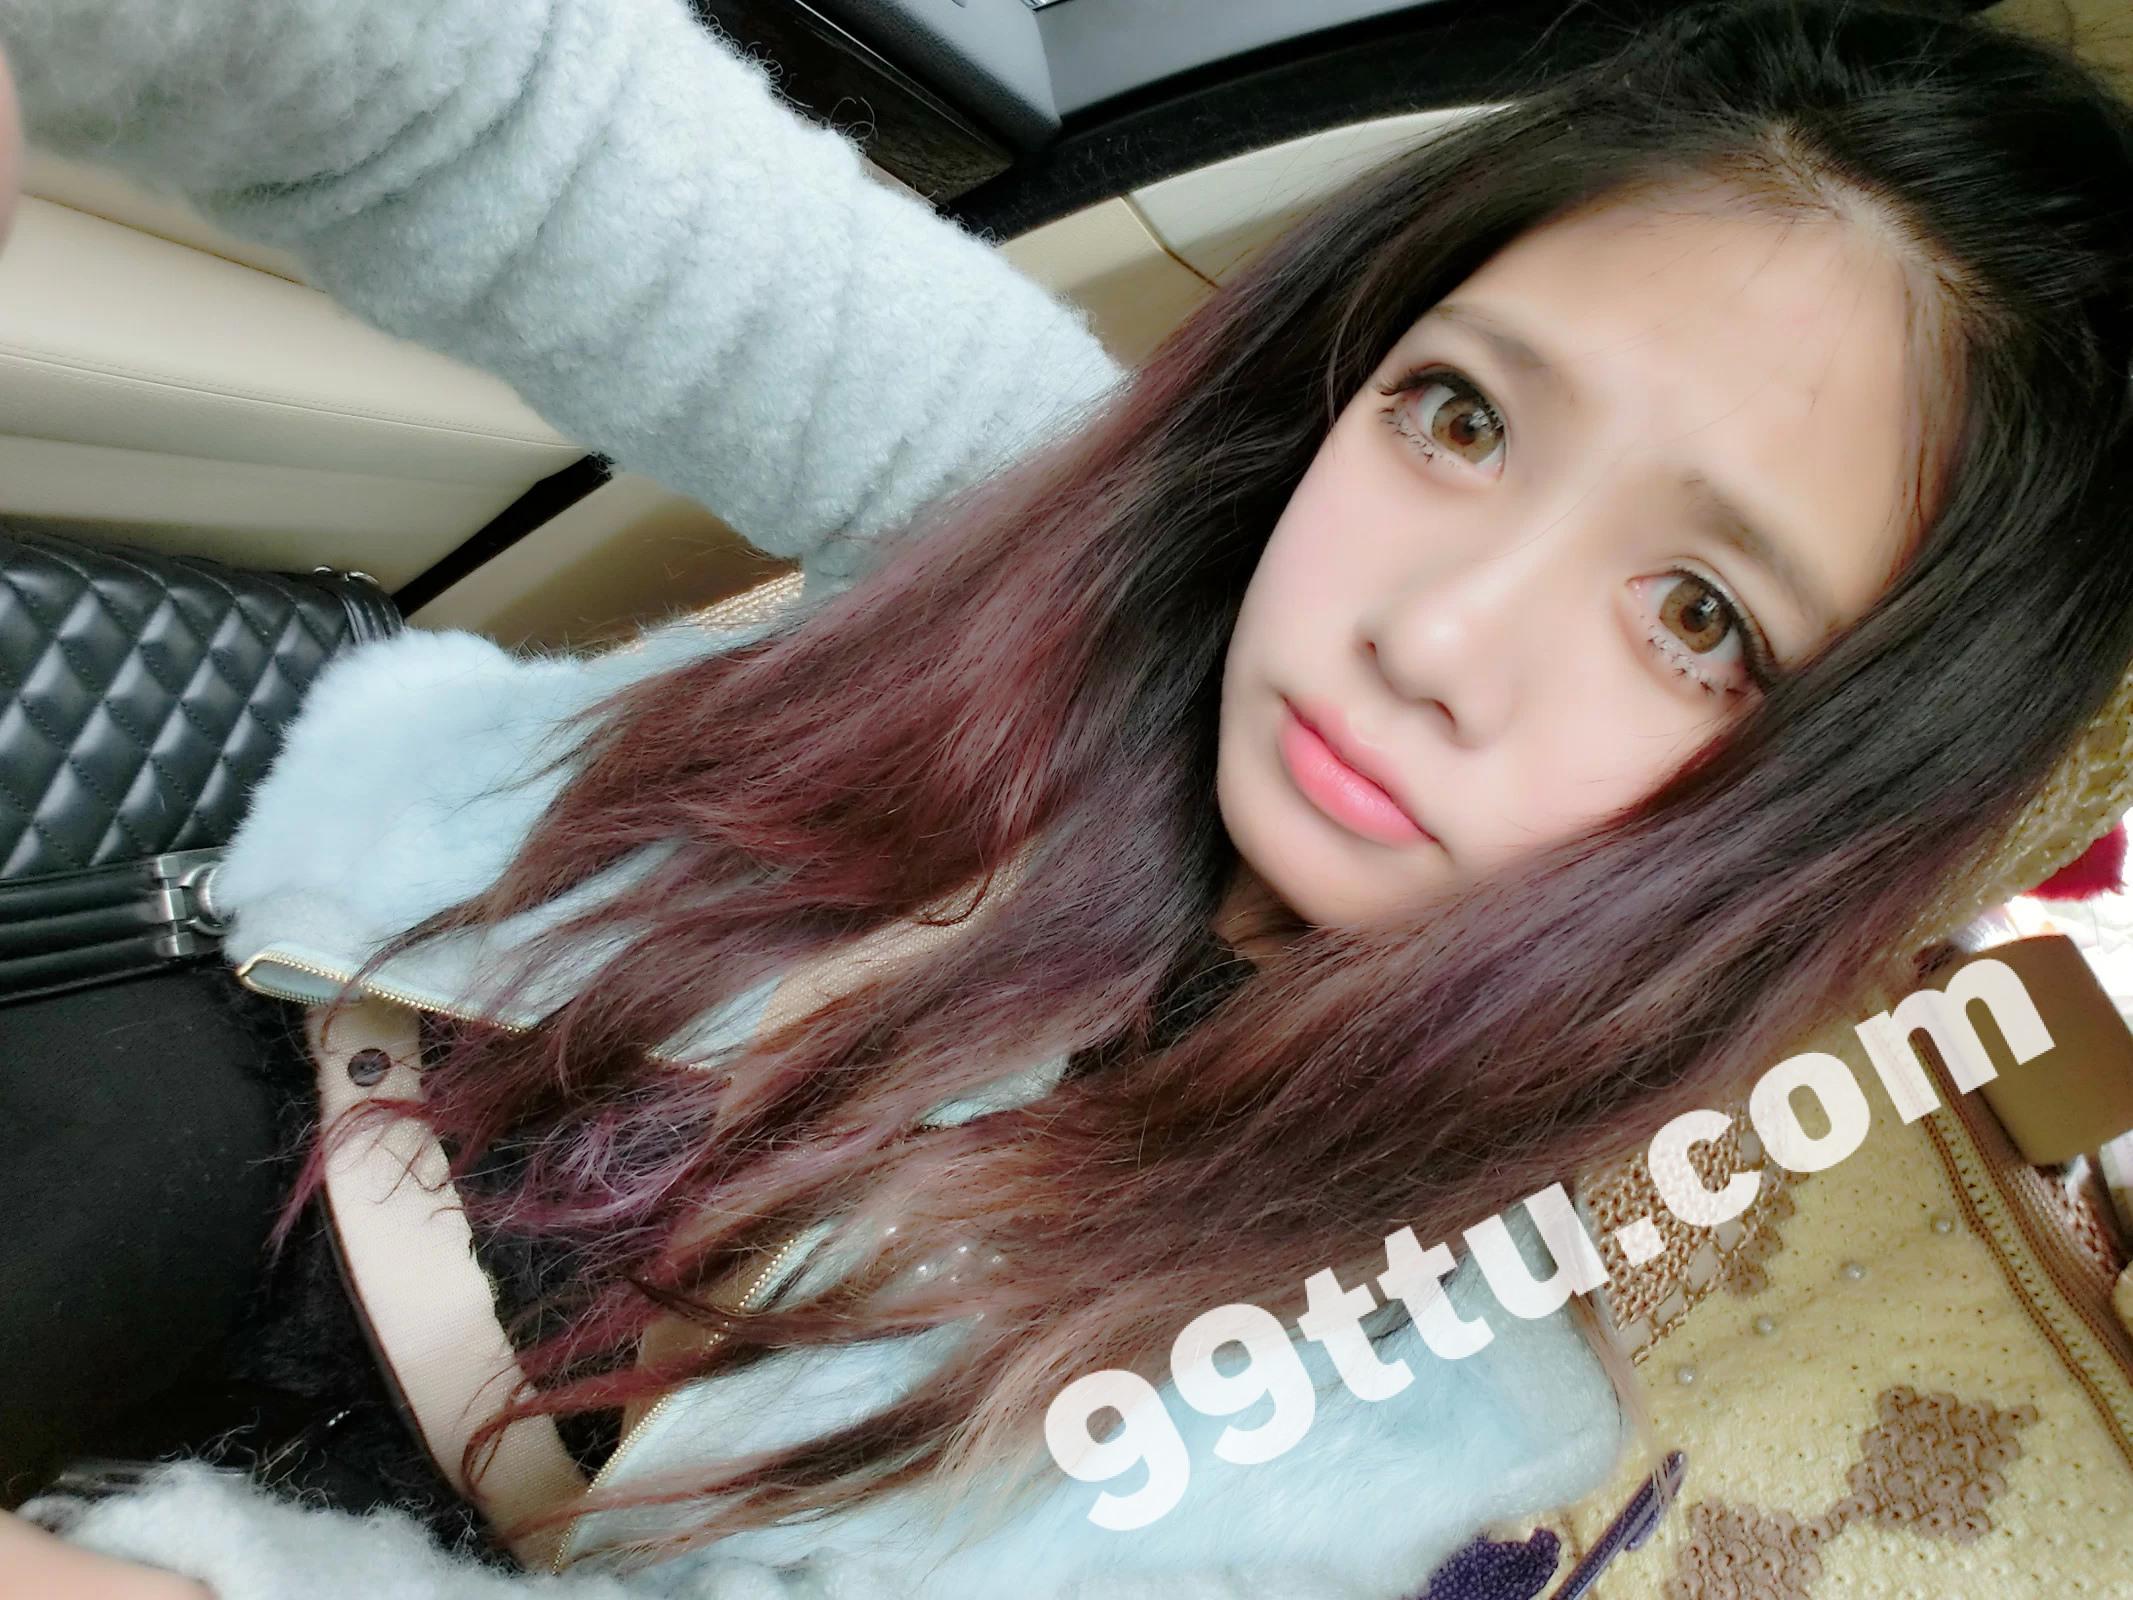 KK90_1390图+6视频 美女靓丽青春素材生活照-6